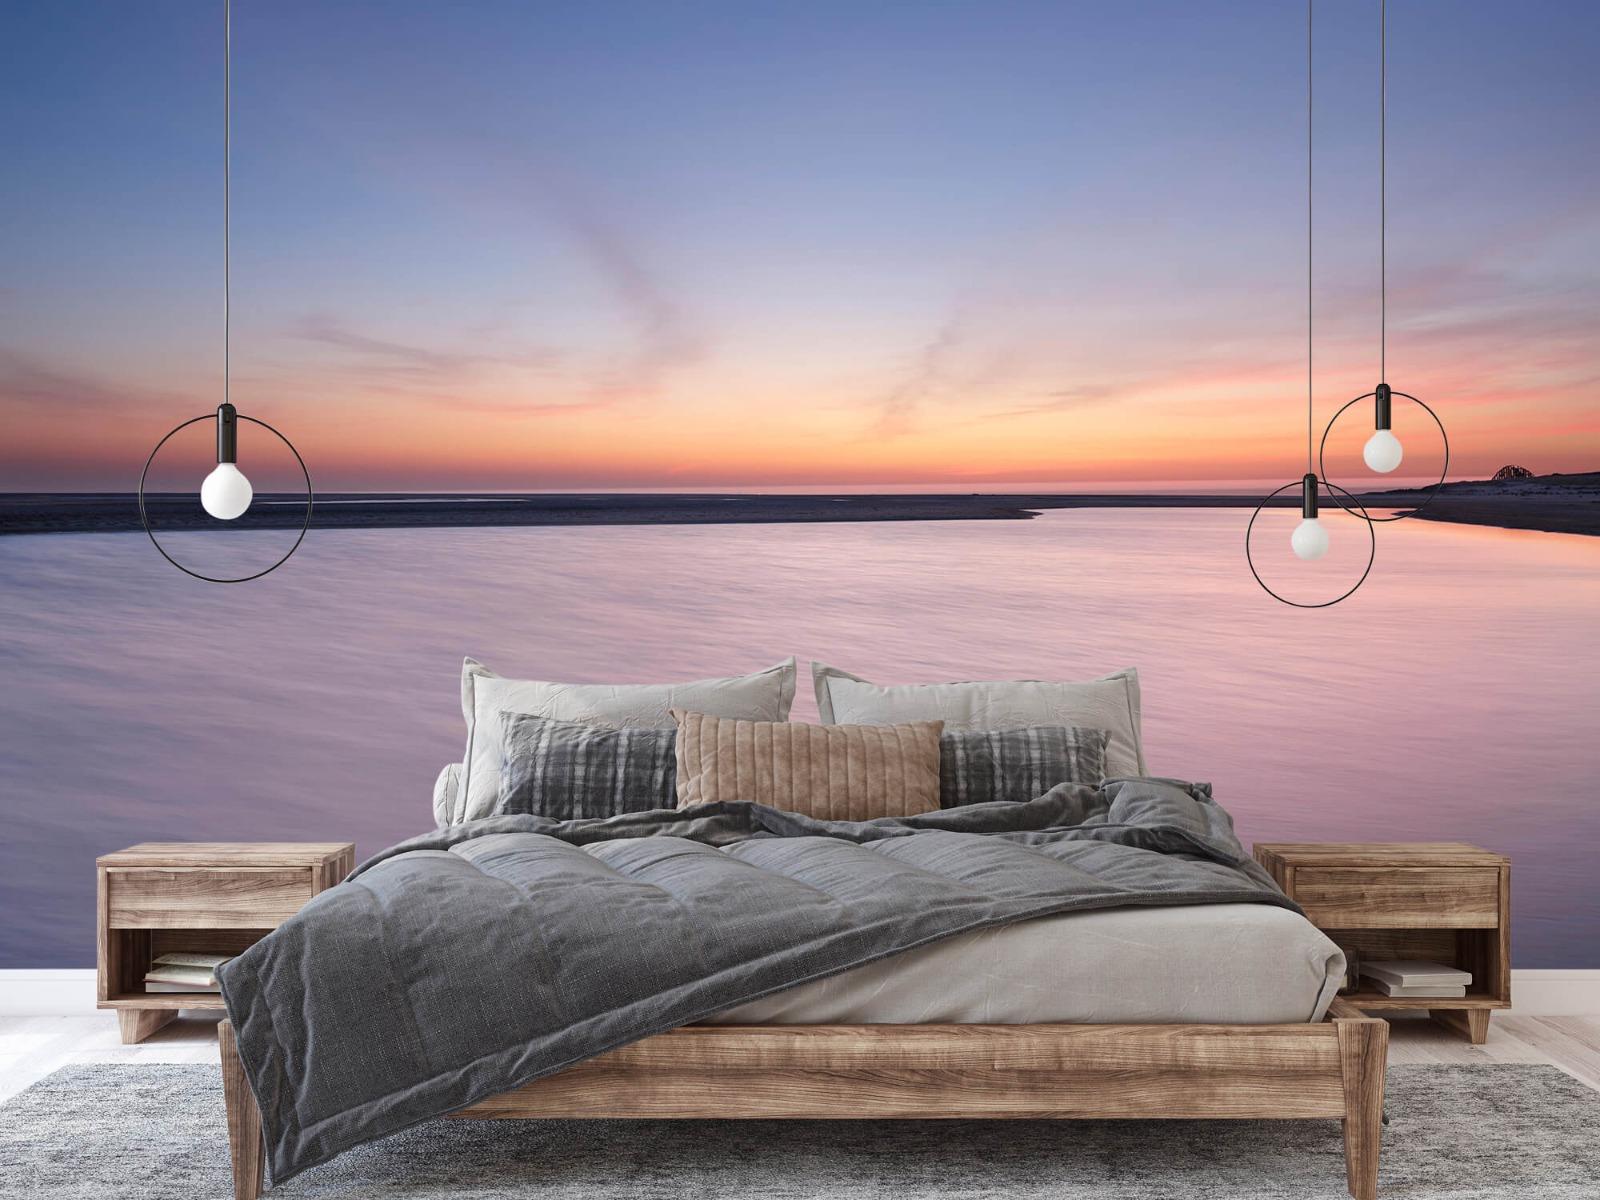 Zeeën en Oceanen - Zonsondergang aan zee - Slaapkamer 2